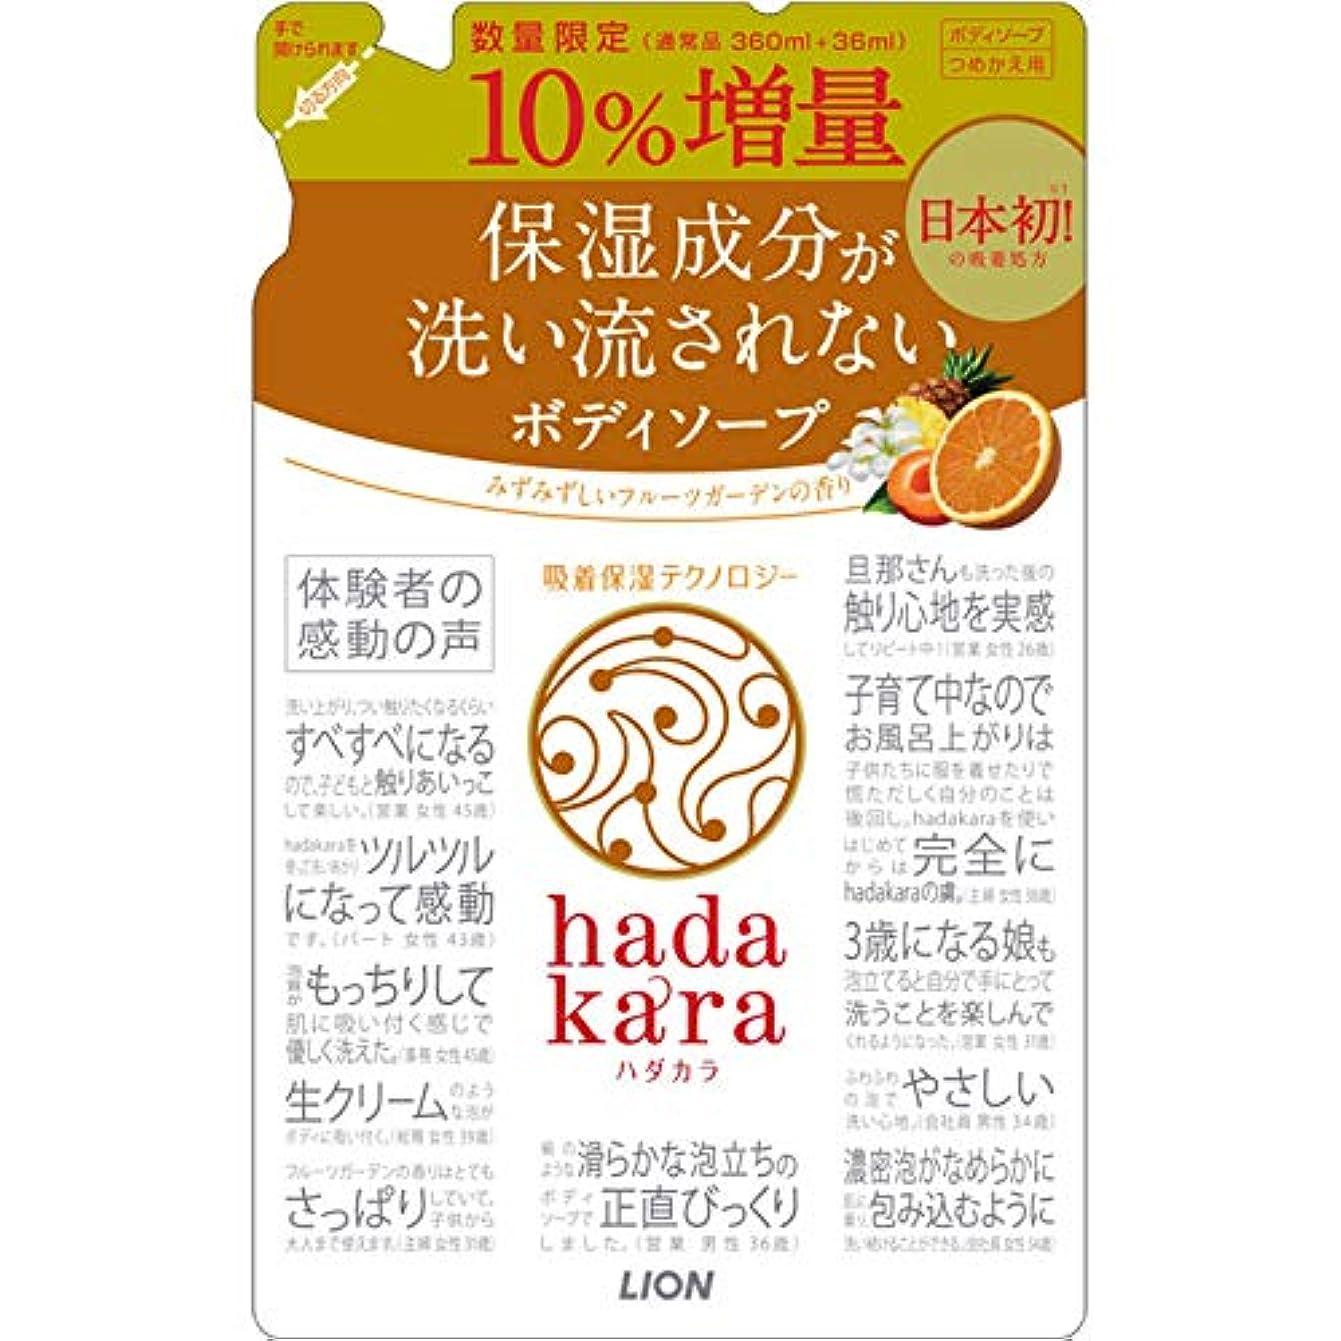 便益予想する保証【数量限定】hadakara(ハダカラ) ボディソープ フルーツガーデンの香り つめかえ用 10%増量 396ml